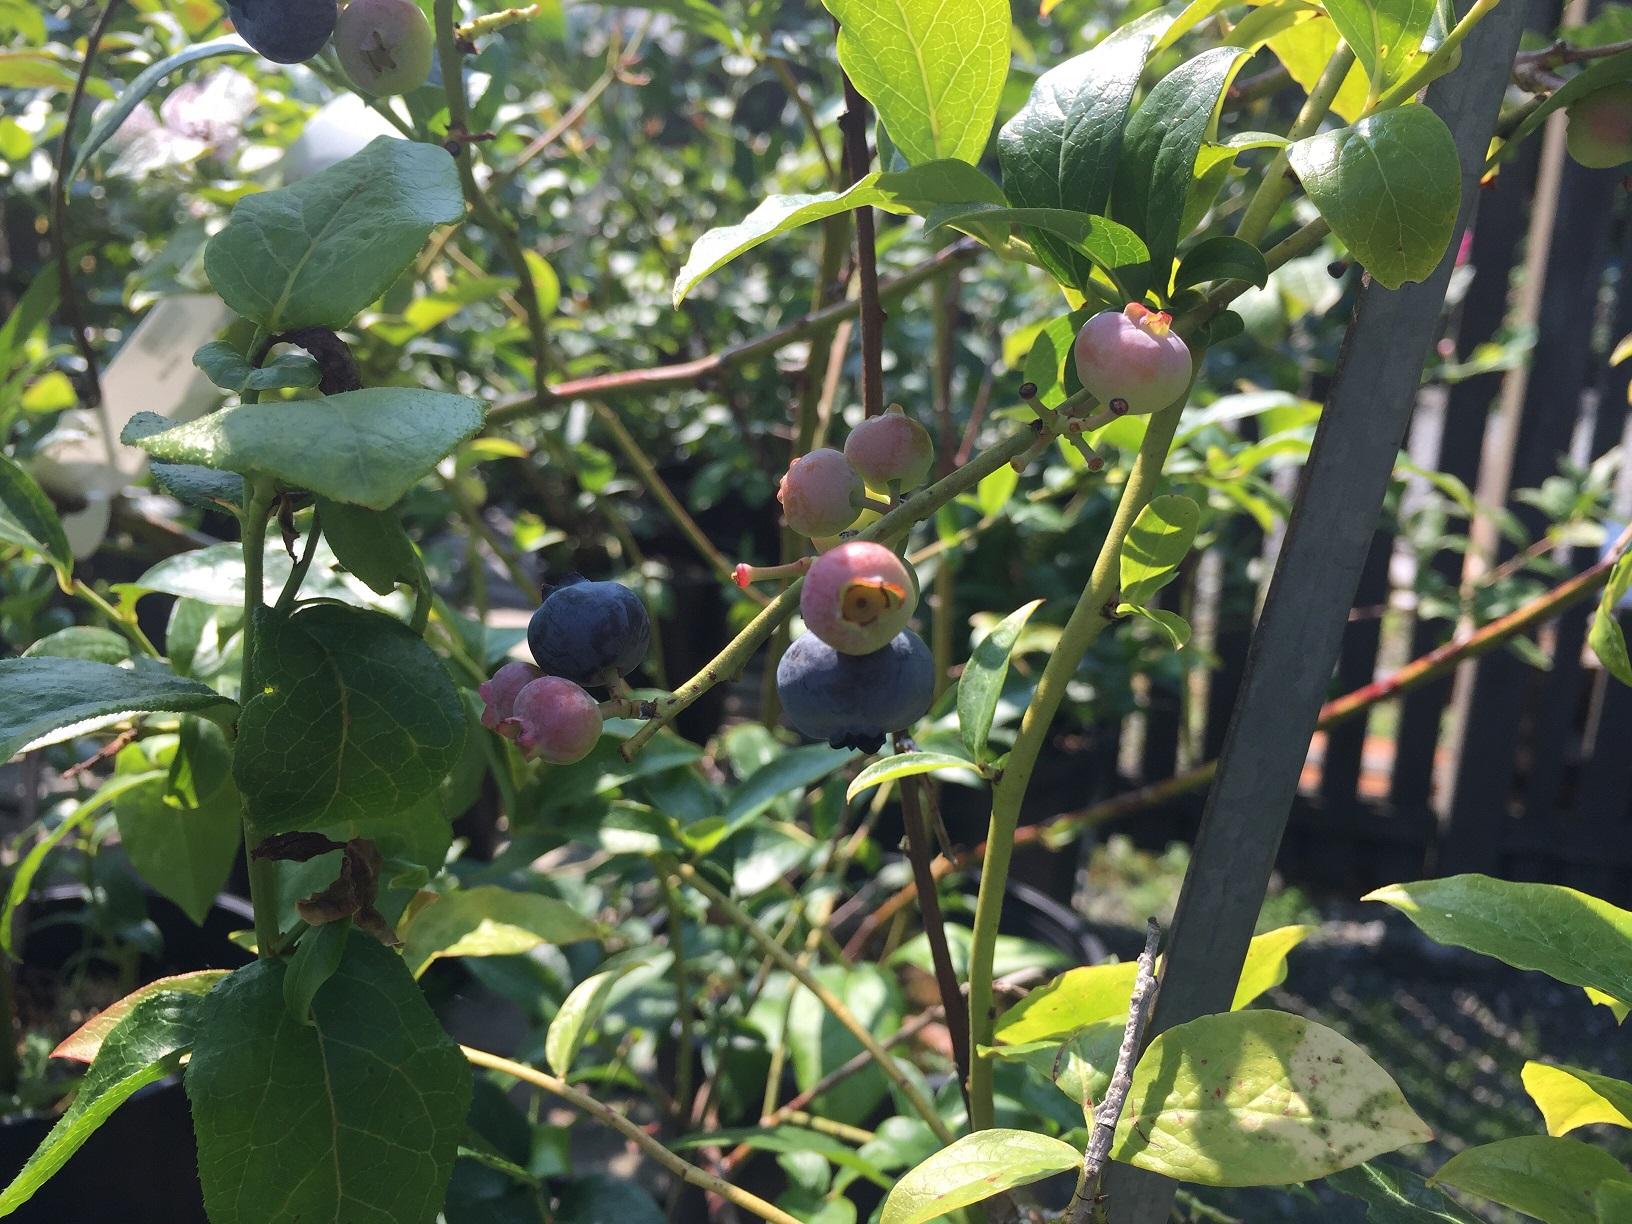 Vaccinium corymbosum 'Blueray' Northern Highbush Blueberry